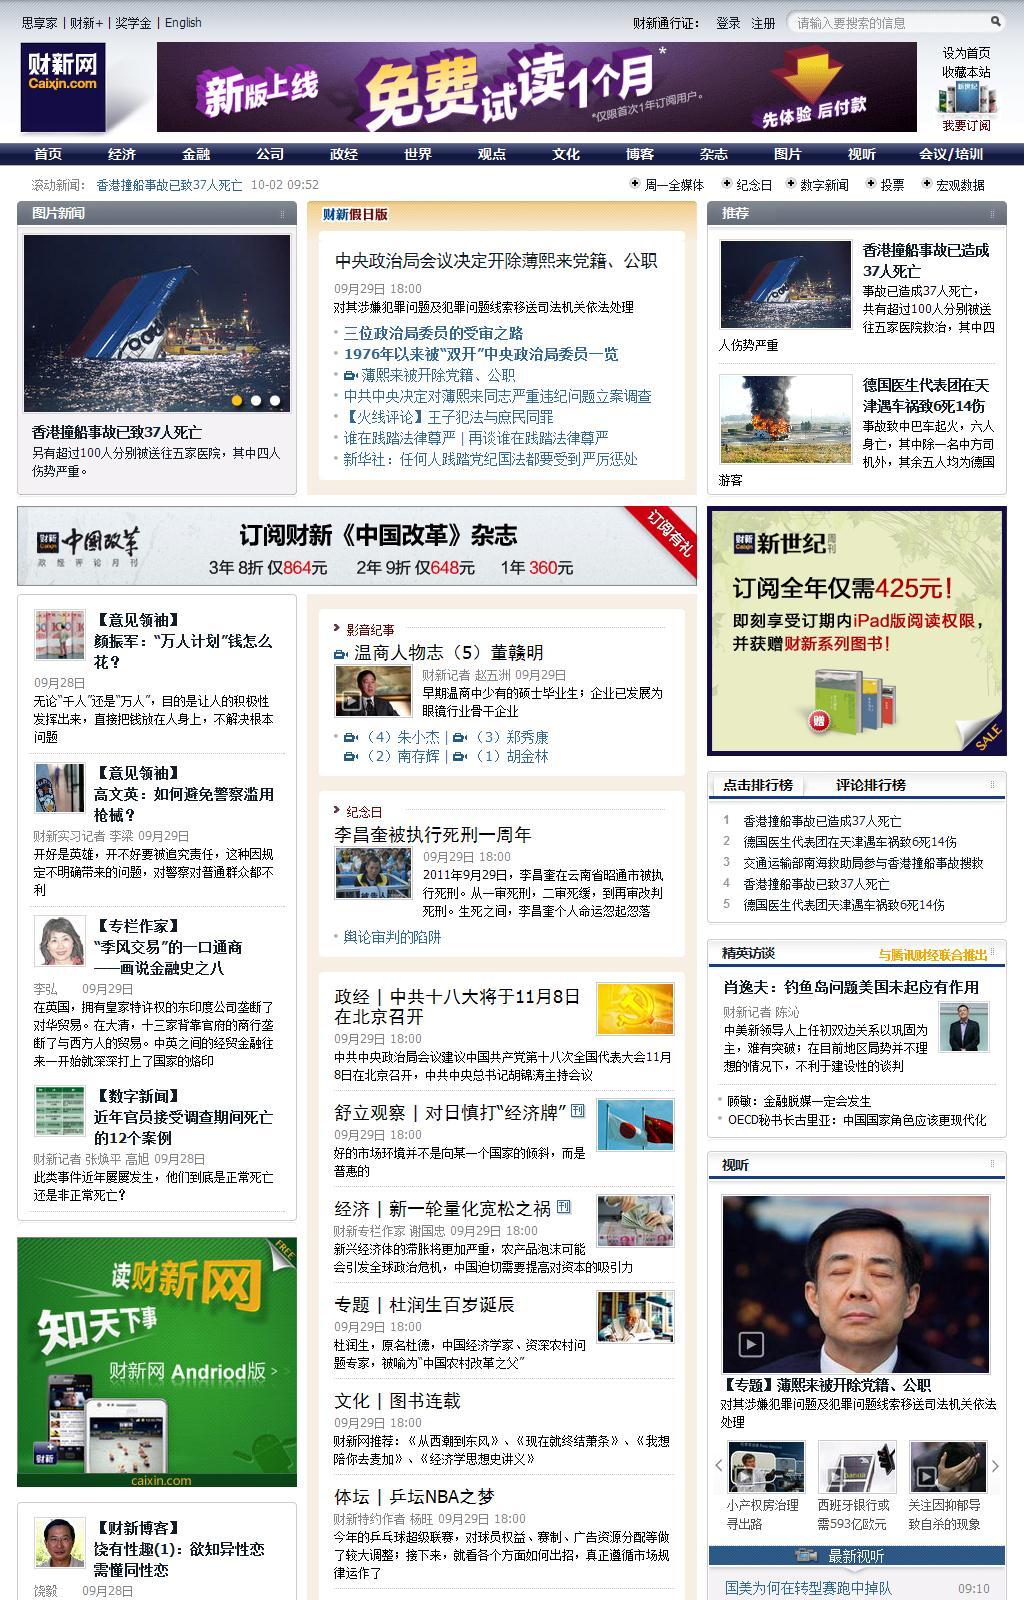 财新网-原创财经新媒体-CAIXIN.COM